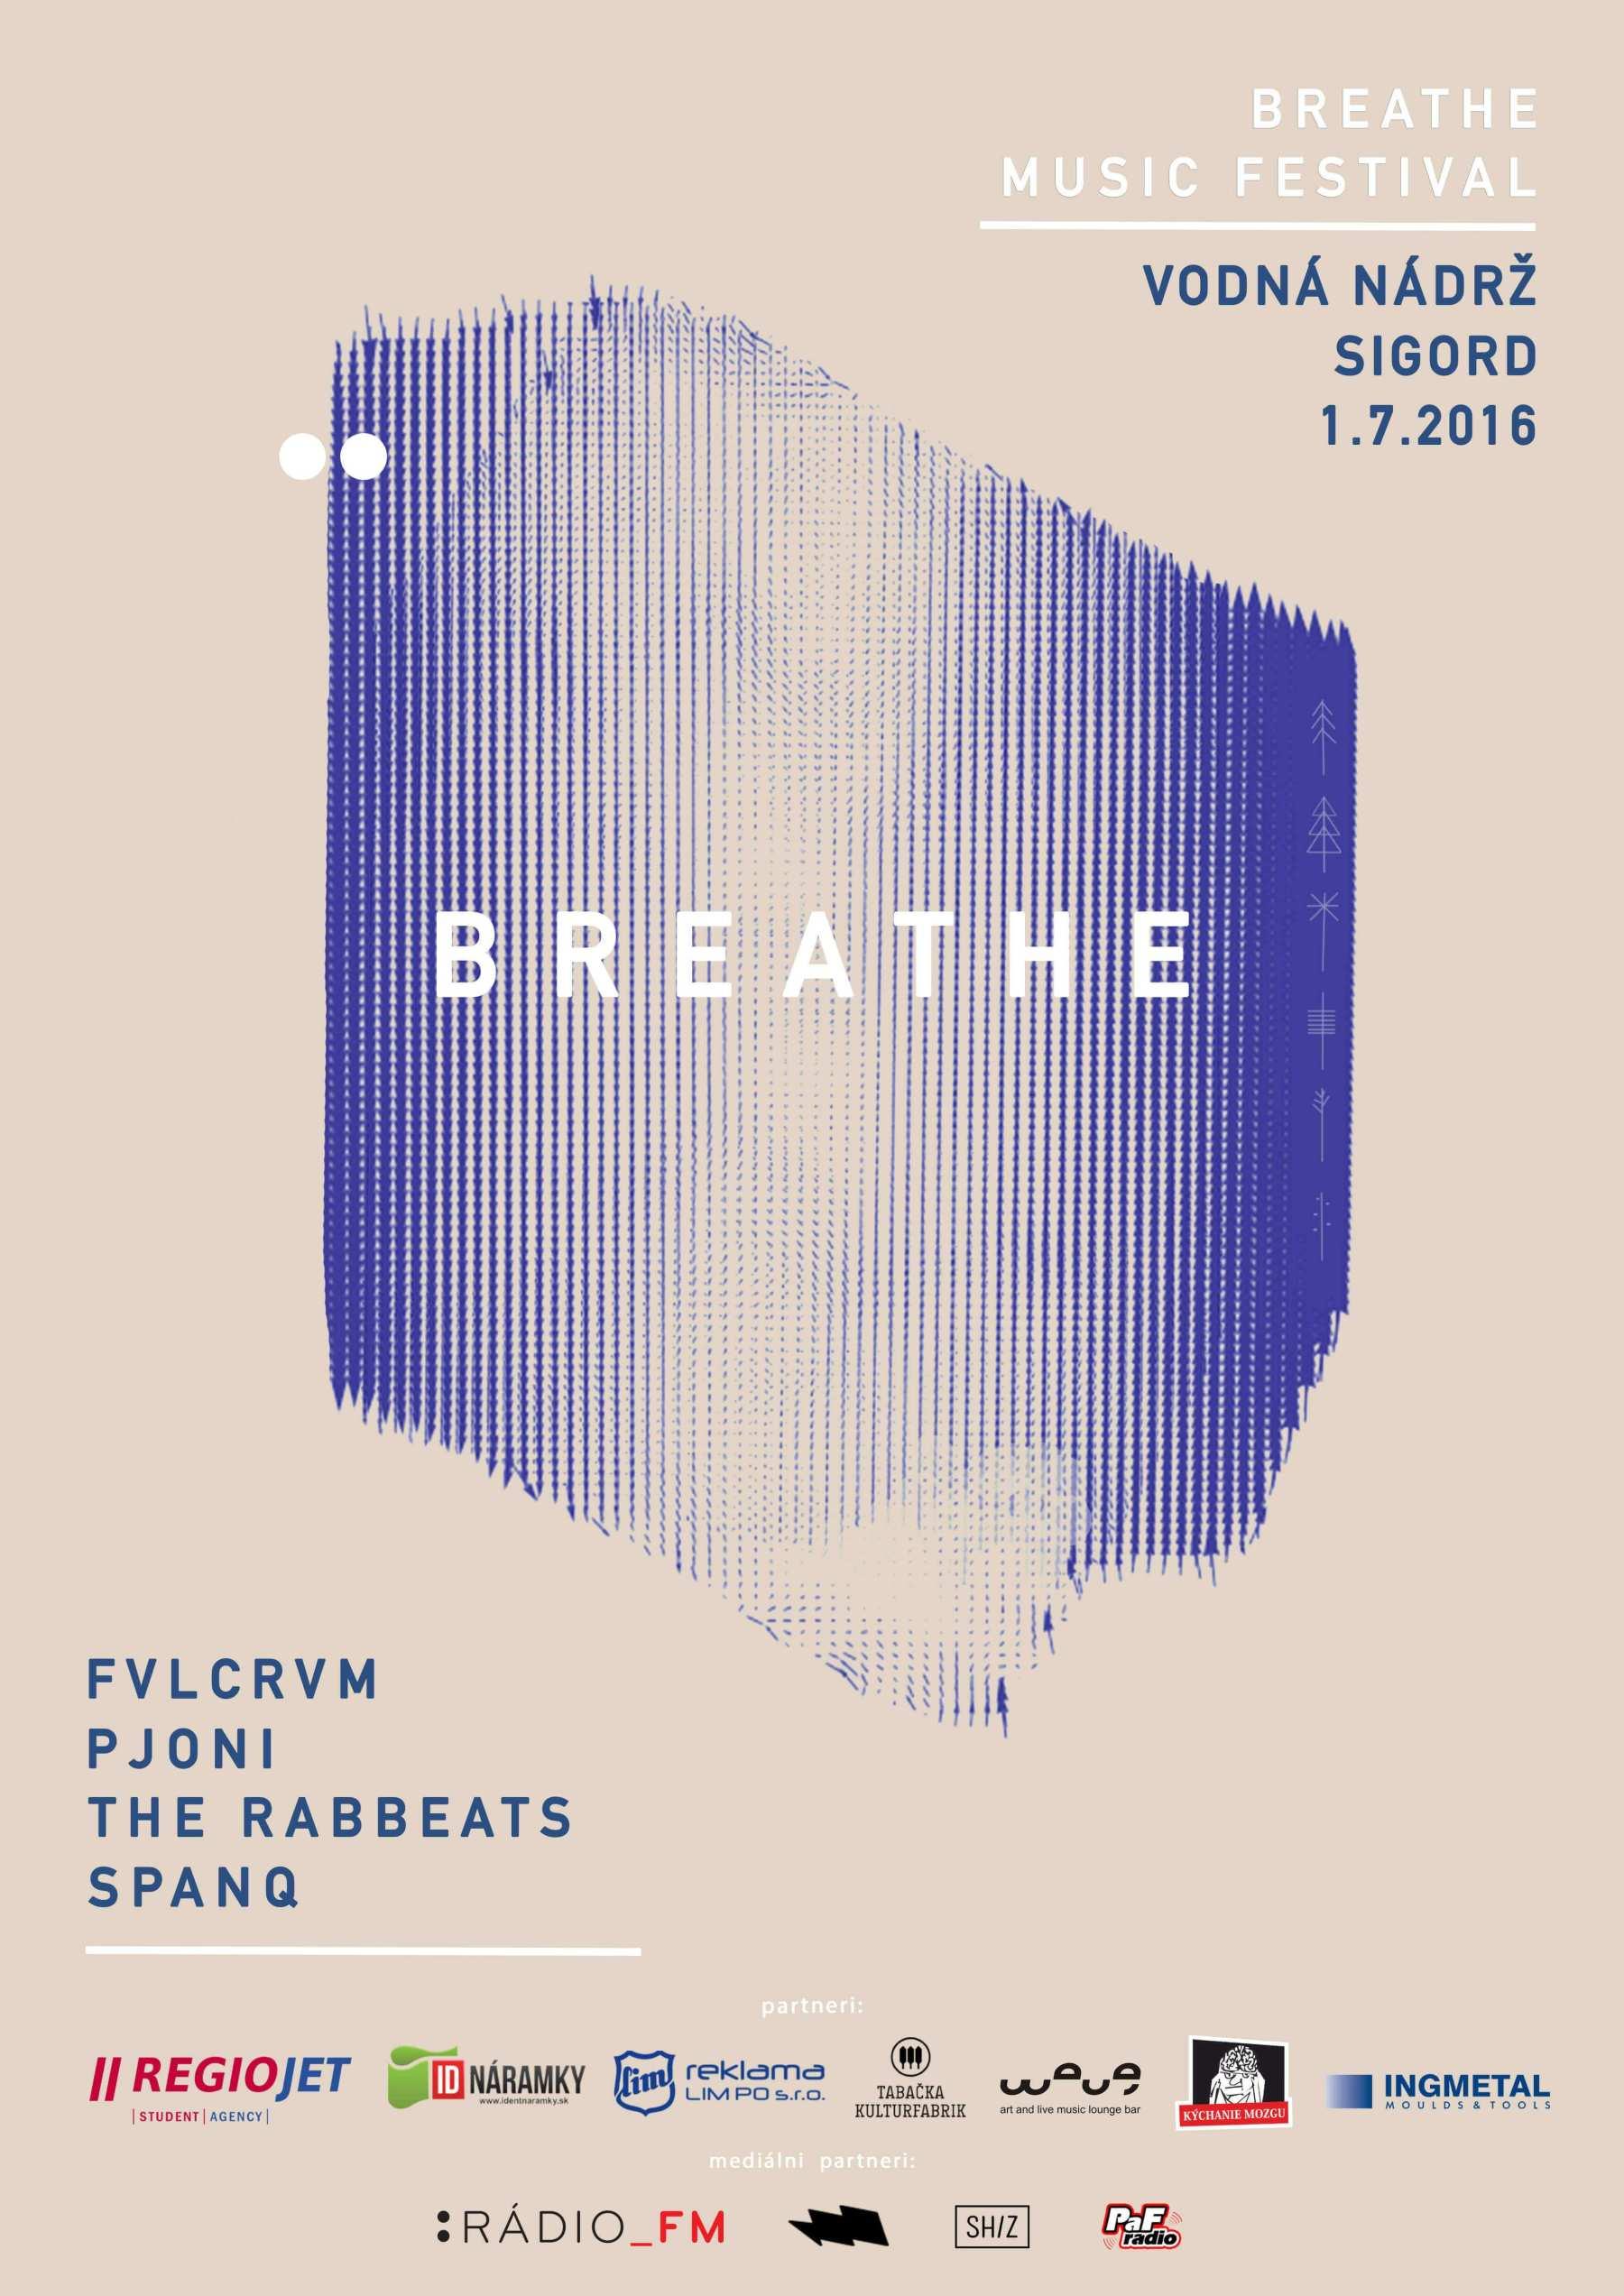 Breathe festival 2016